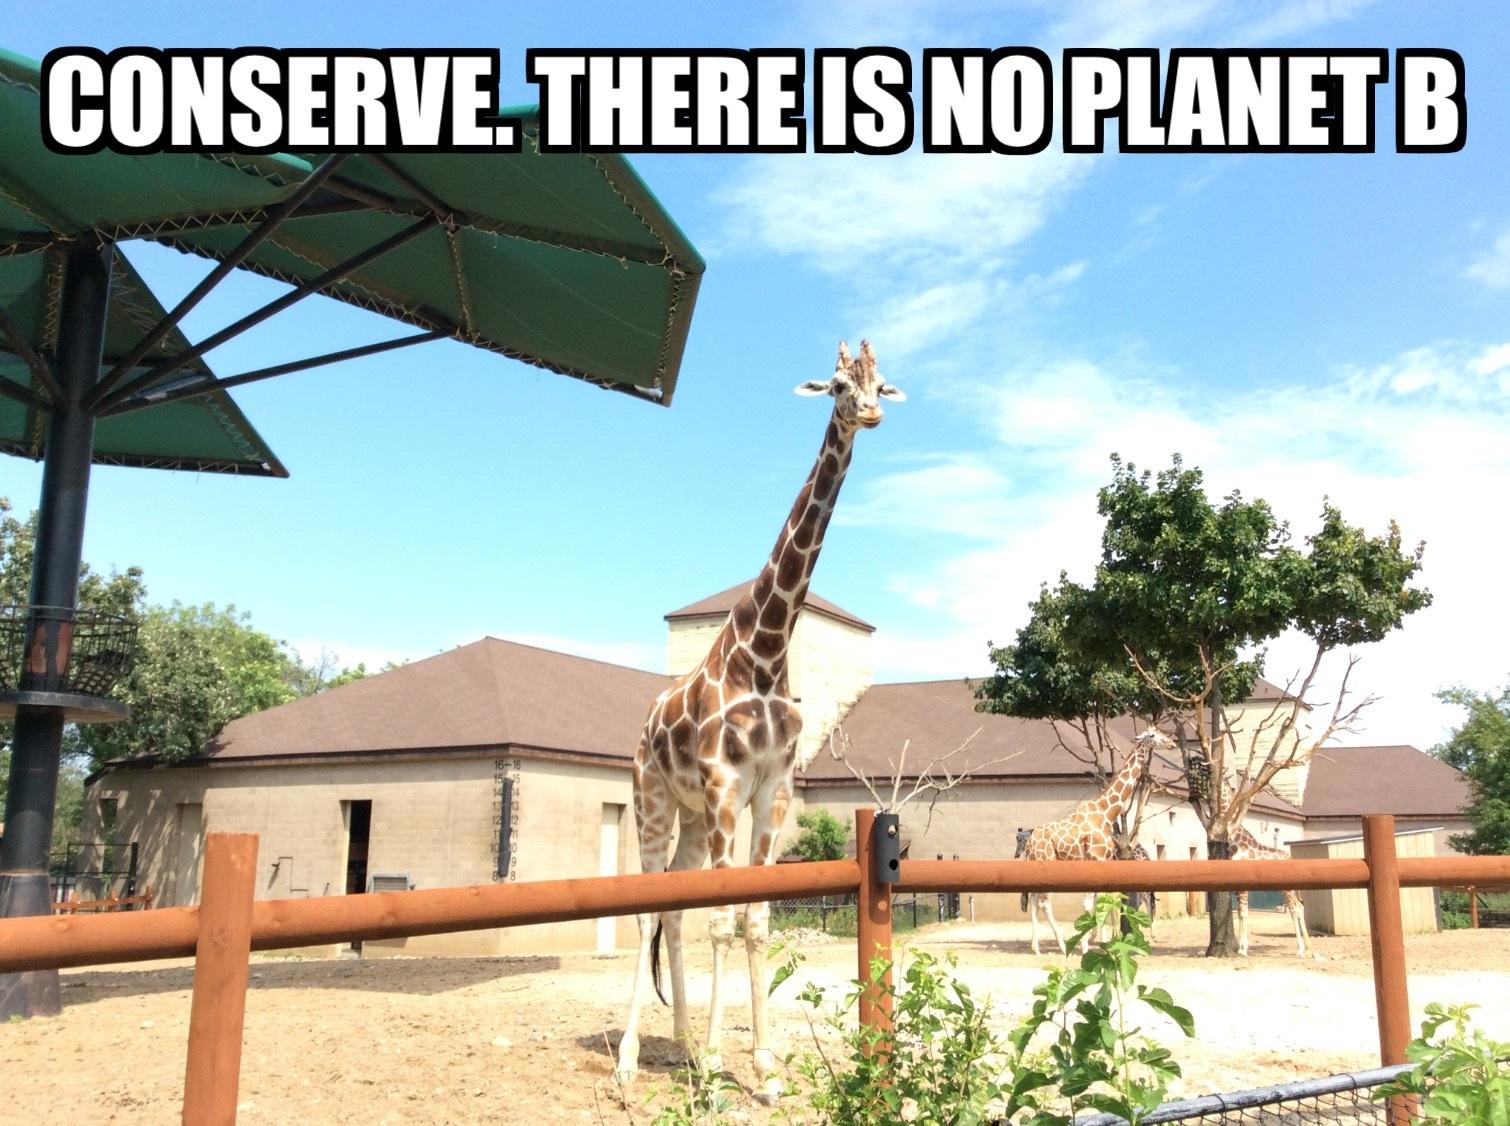 isabels-conservation-meme